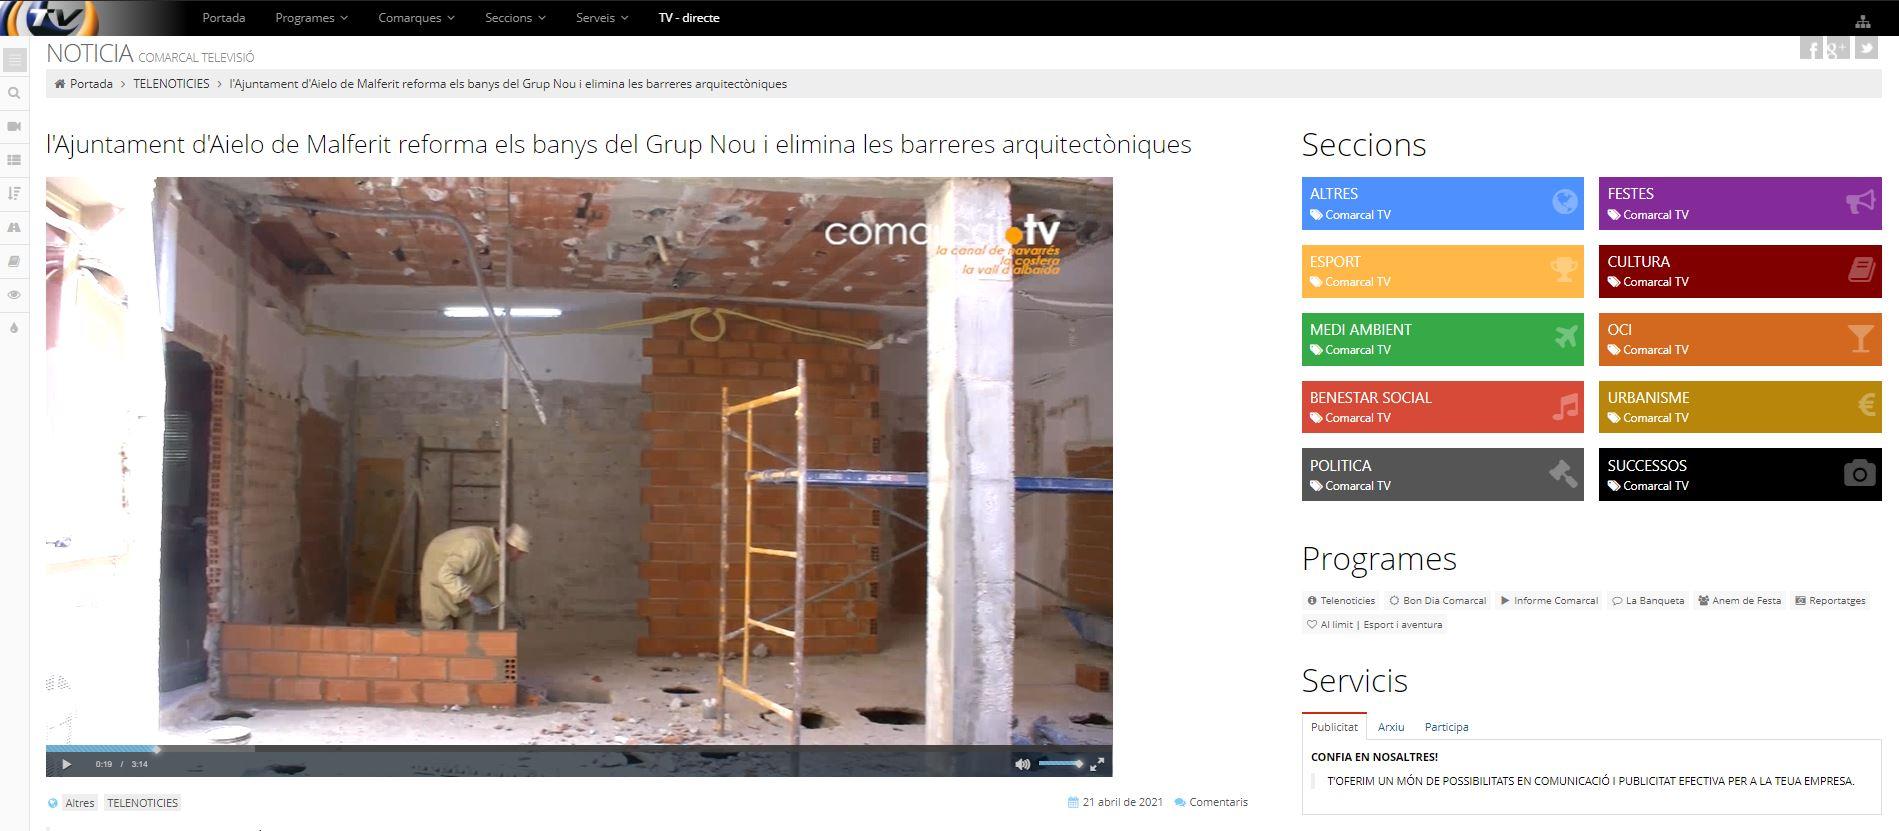 COMARCAL TV: l'Ajuntament d'Aielo de Malferit reforma els banys del Grup Nou i elimina les barreres arquitectòniques